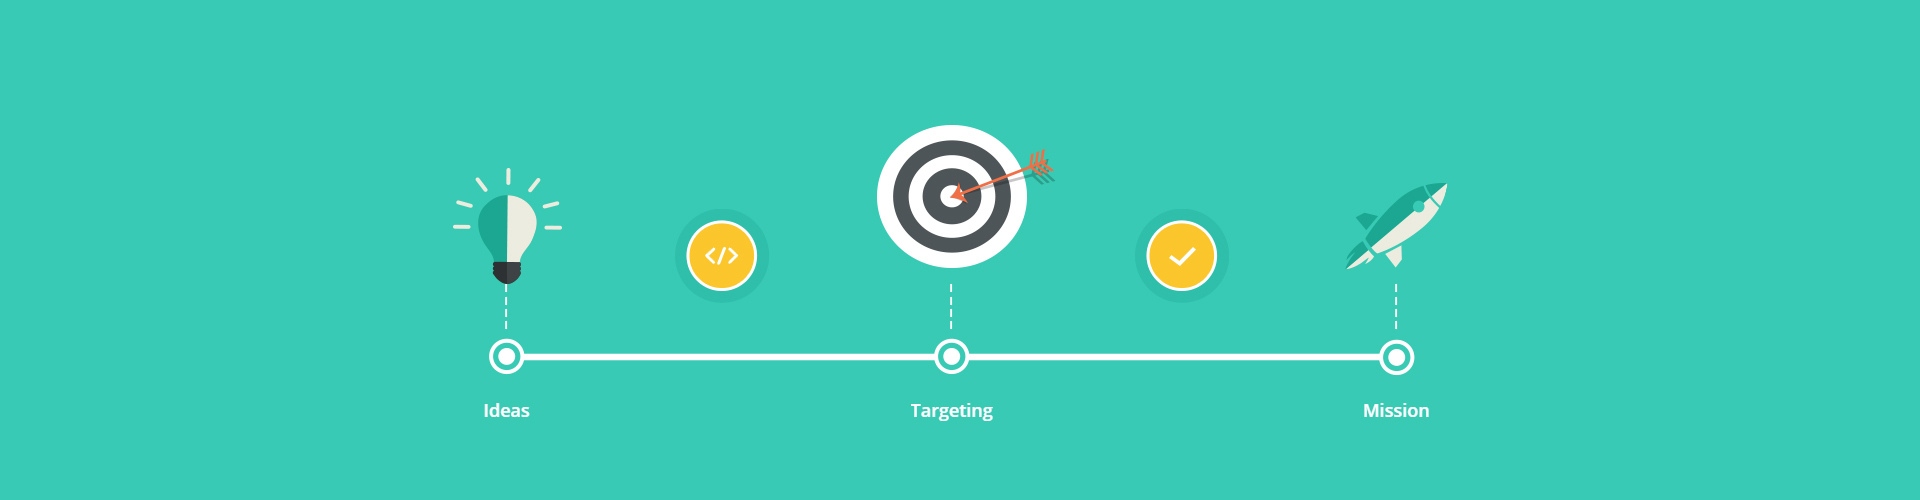 Effective website positioning